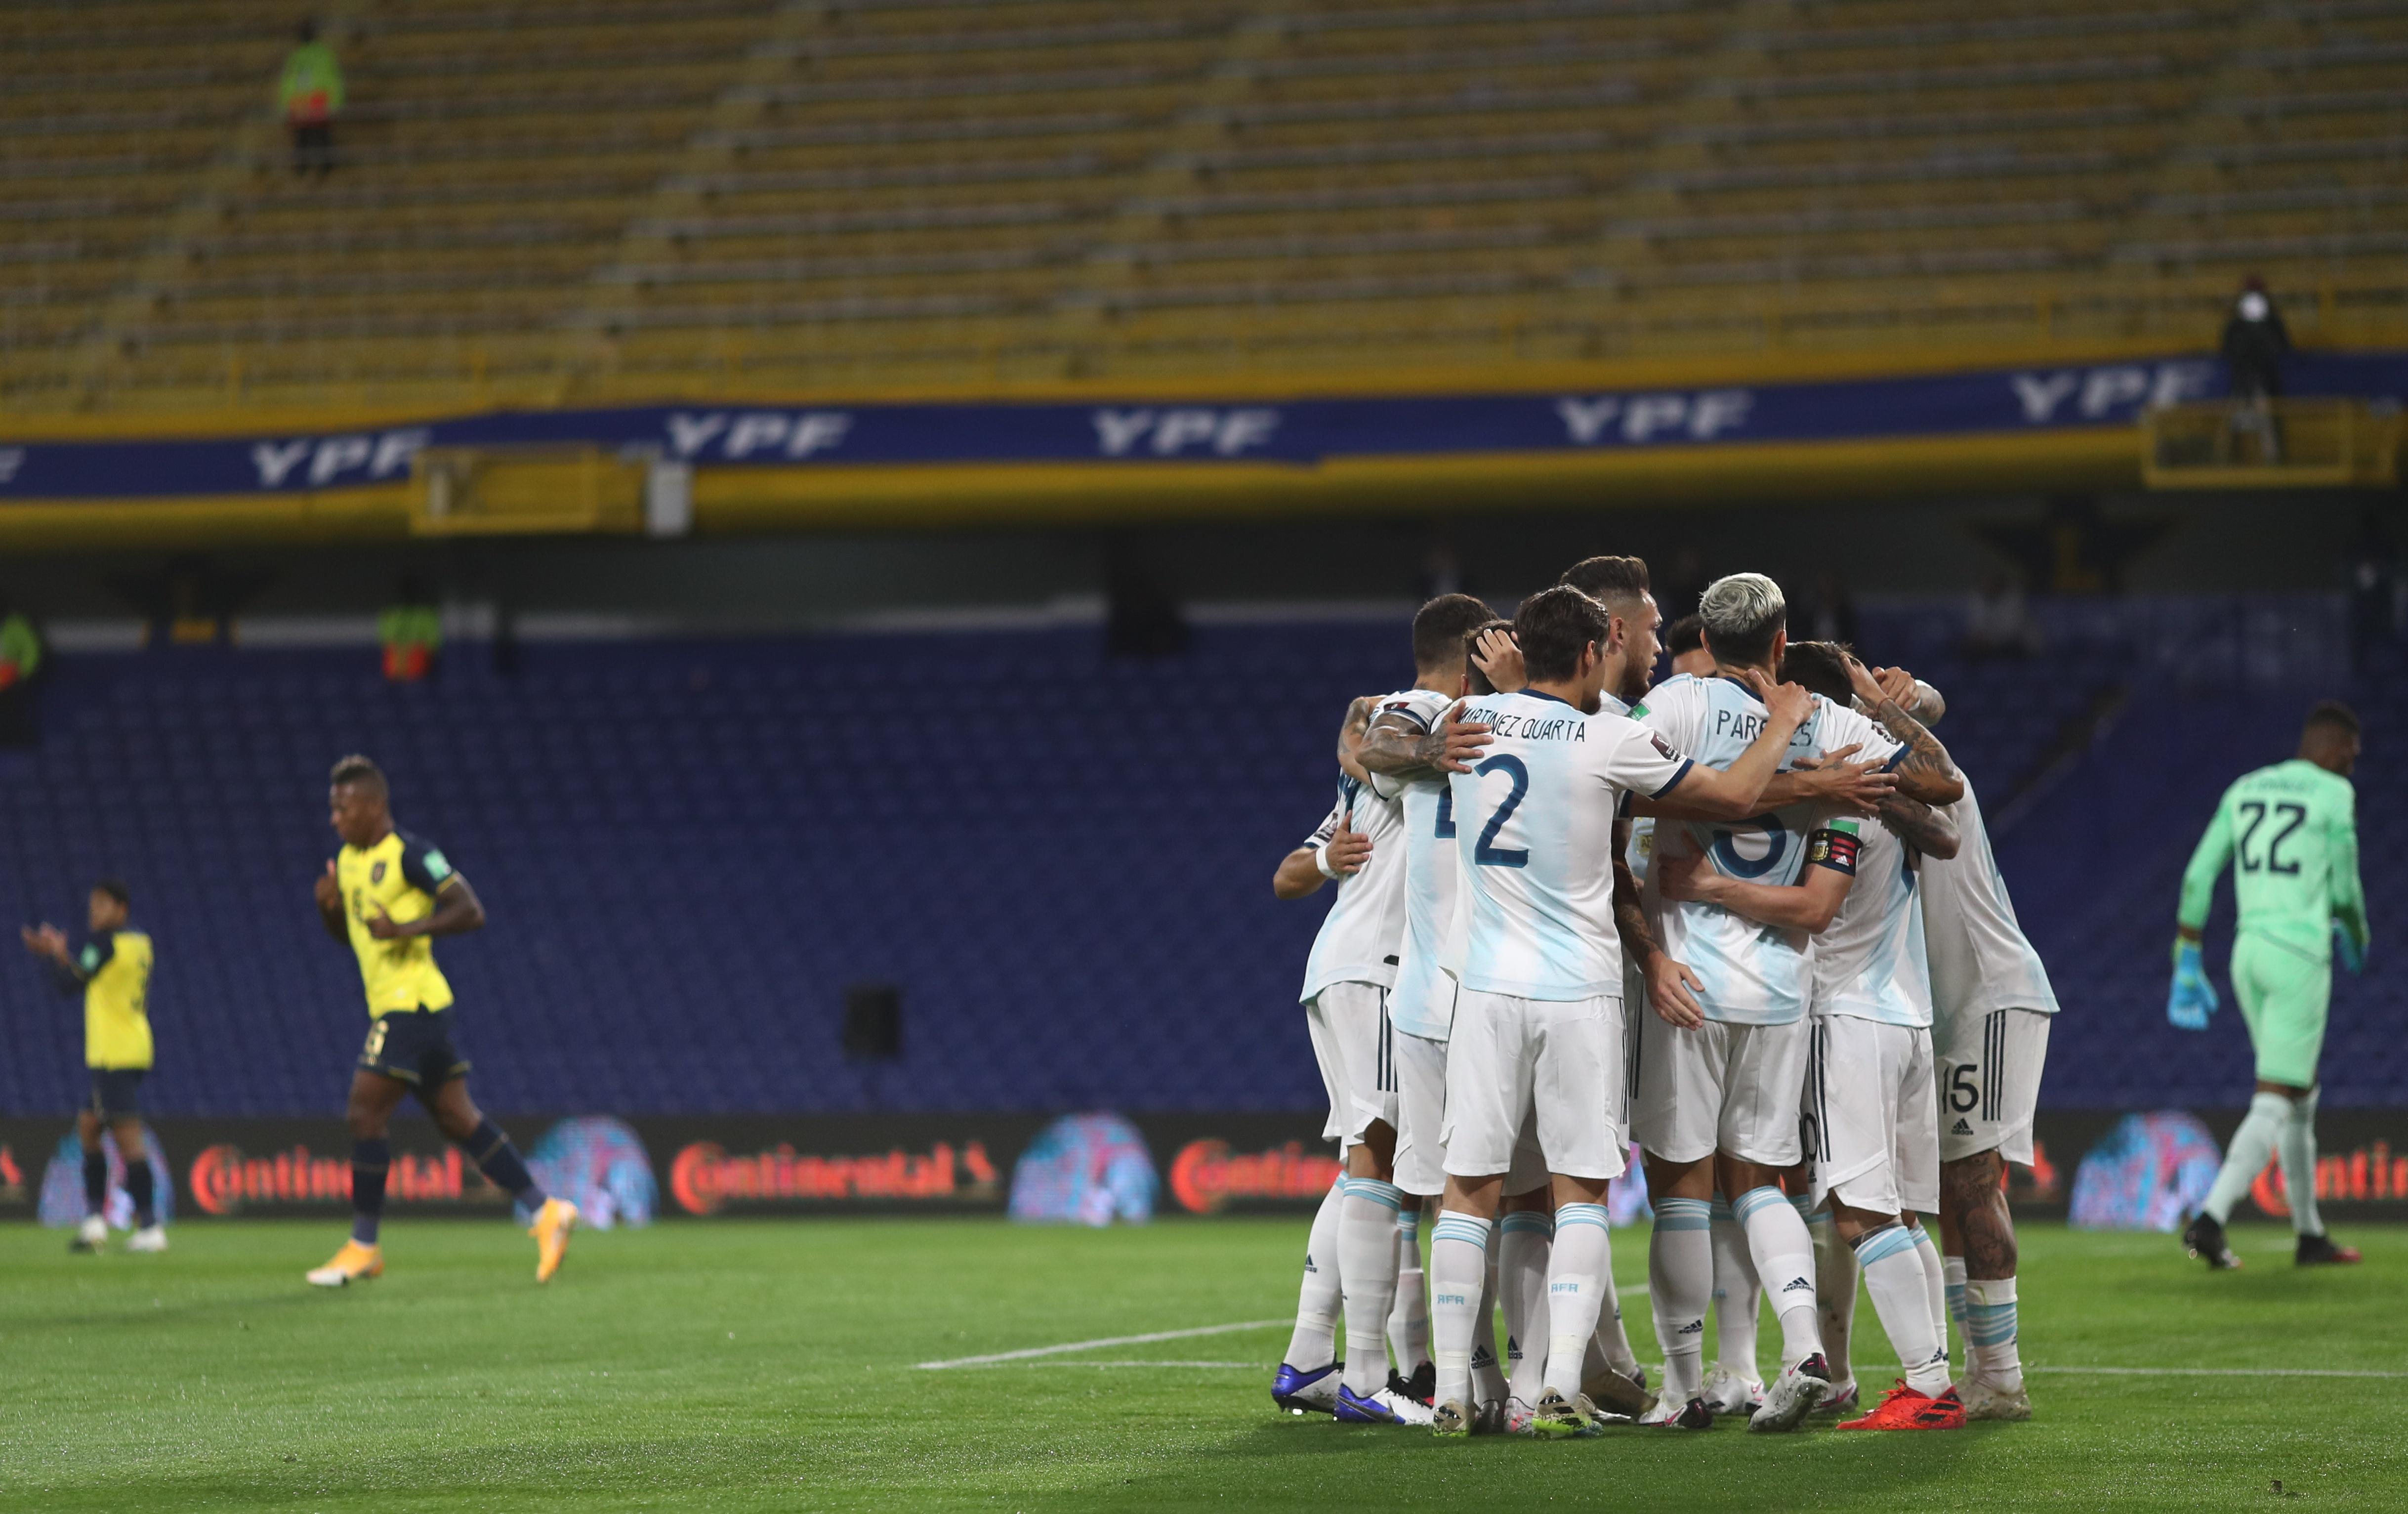 El plantel de Argentina, un racimo en el festejo del gol (REUTERS/Agustin Marcarian)